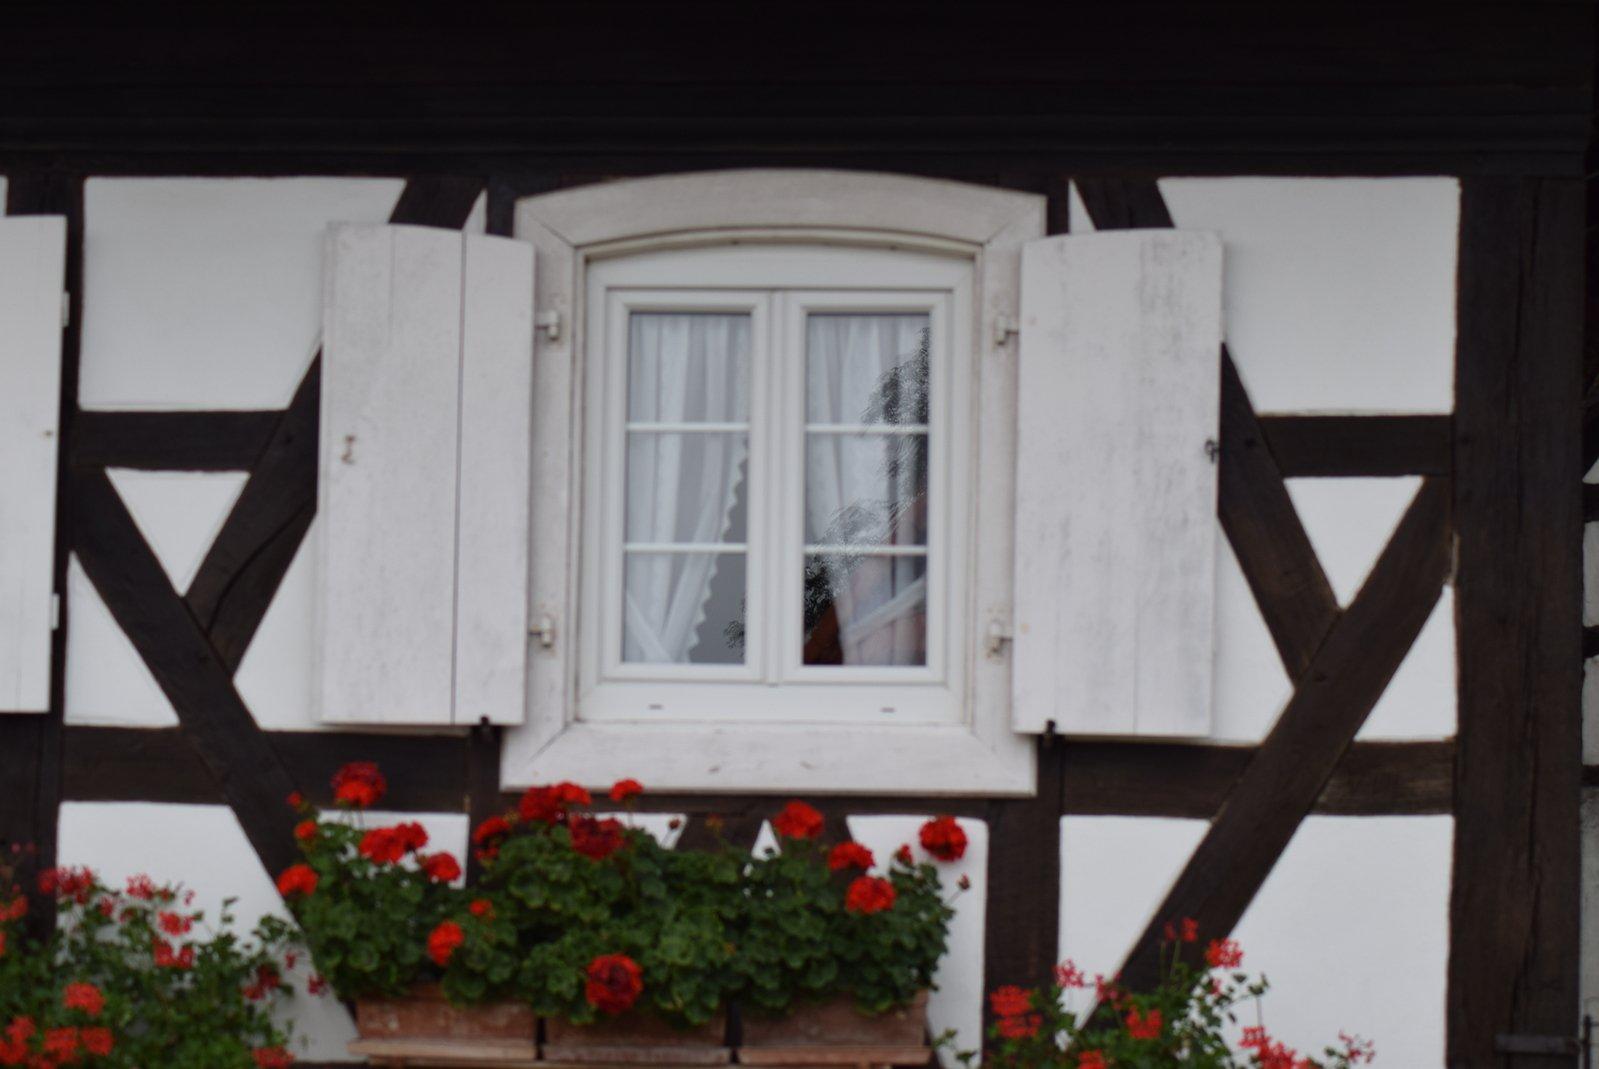 free fenster mit wei en fensterl den eine tradition in seebach elsass frankreich stock photo. Black Bedroom Furniture Sets. Home Design Ideas